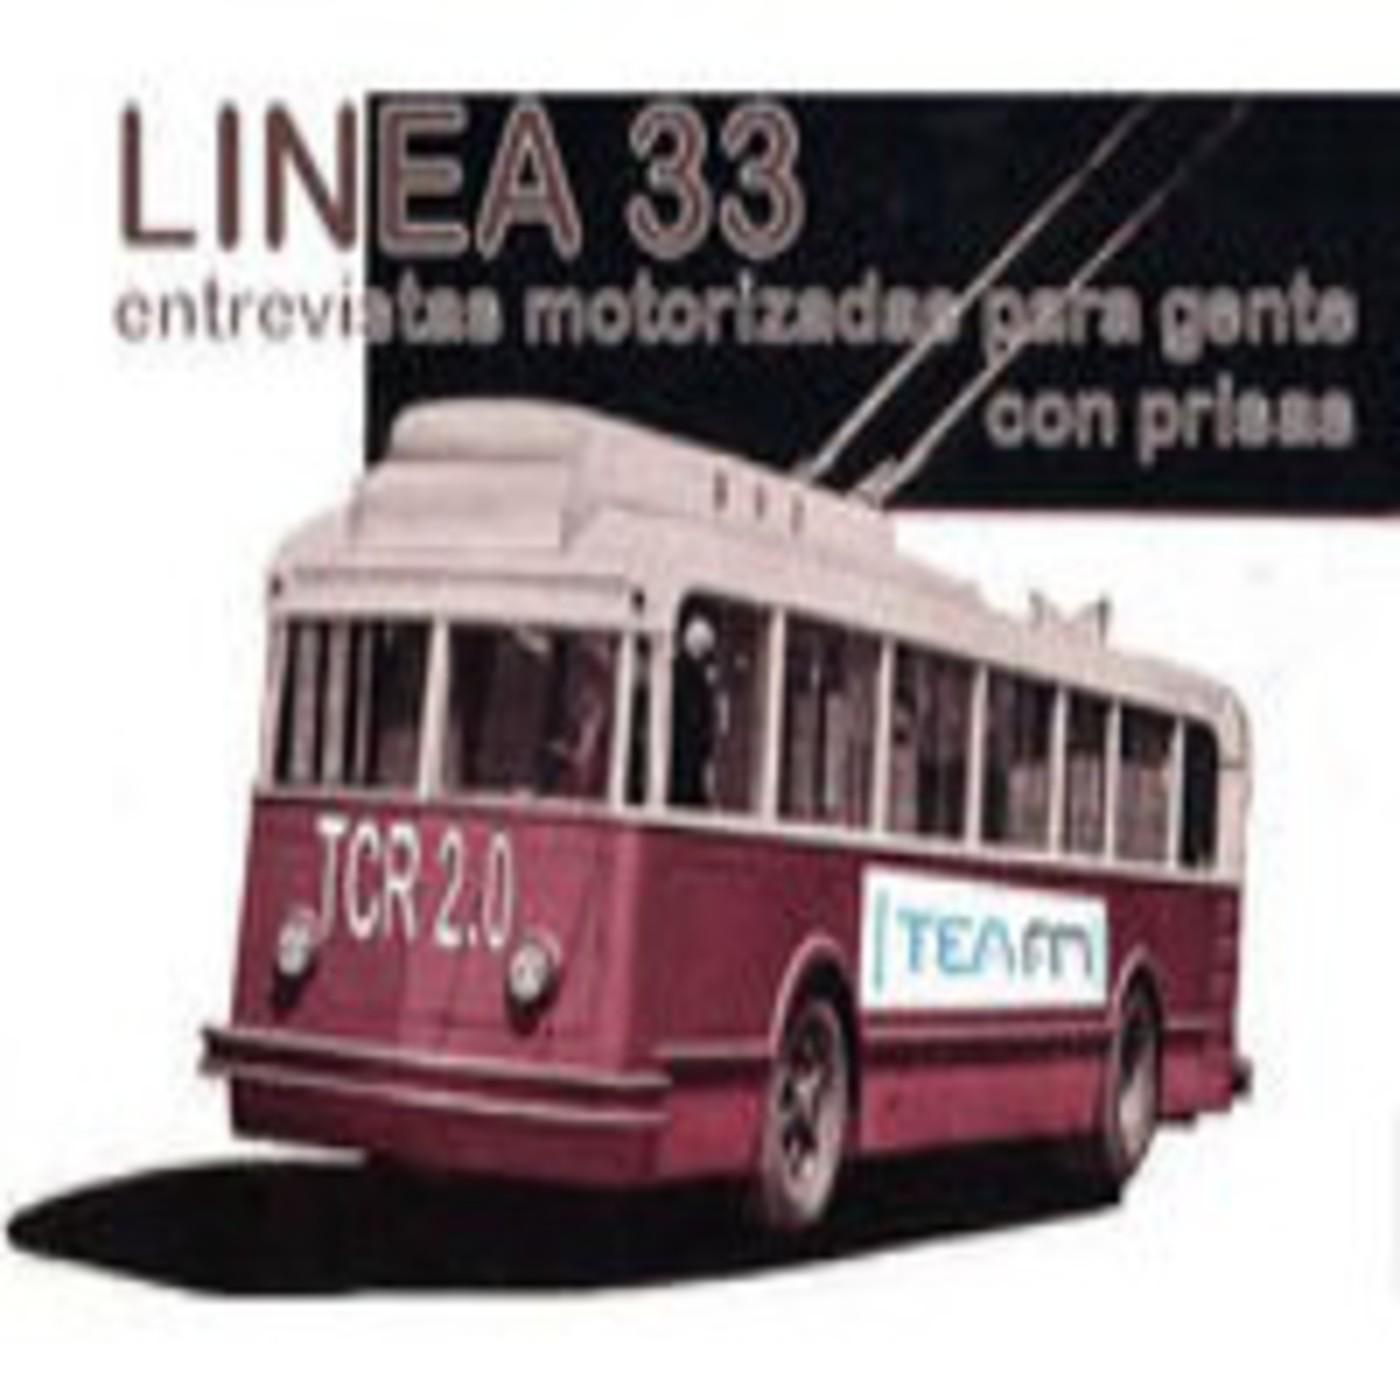 La radio en el bus. Linea 33.